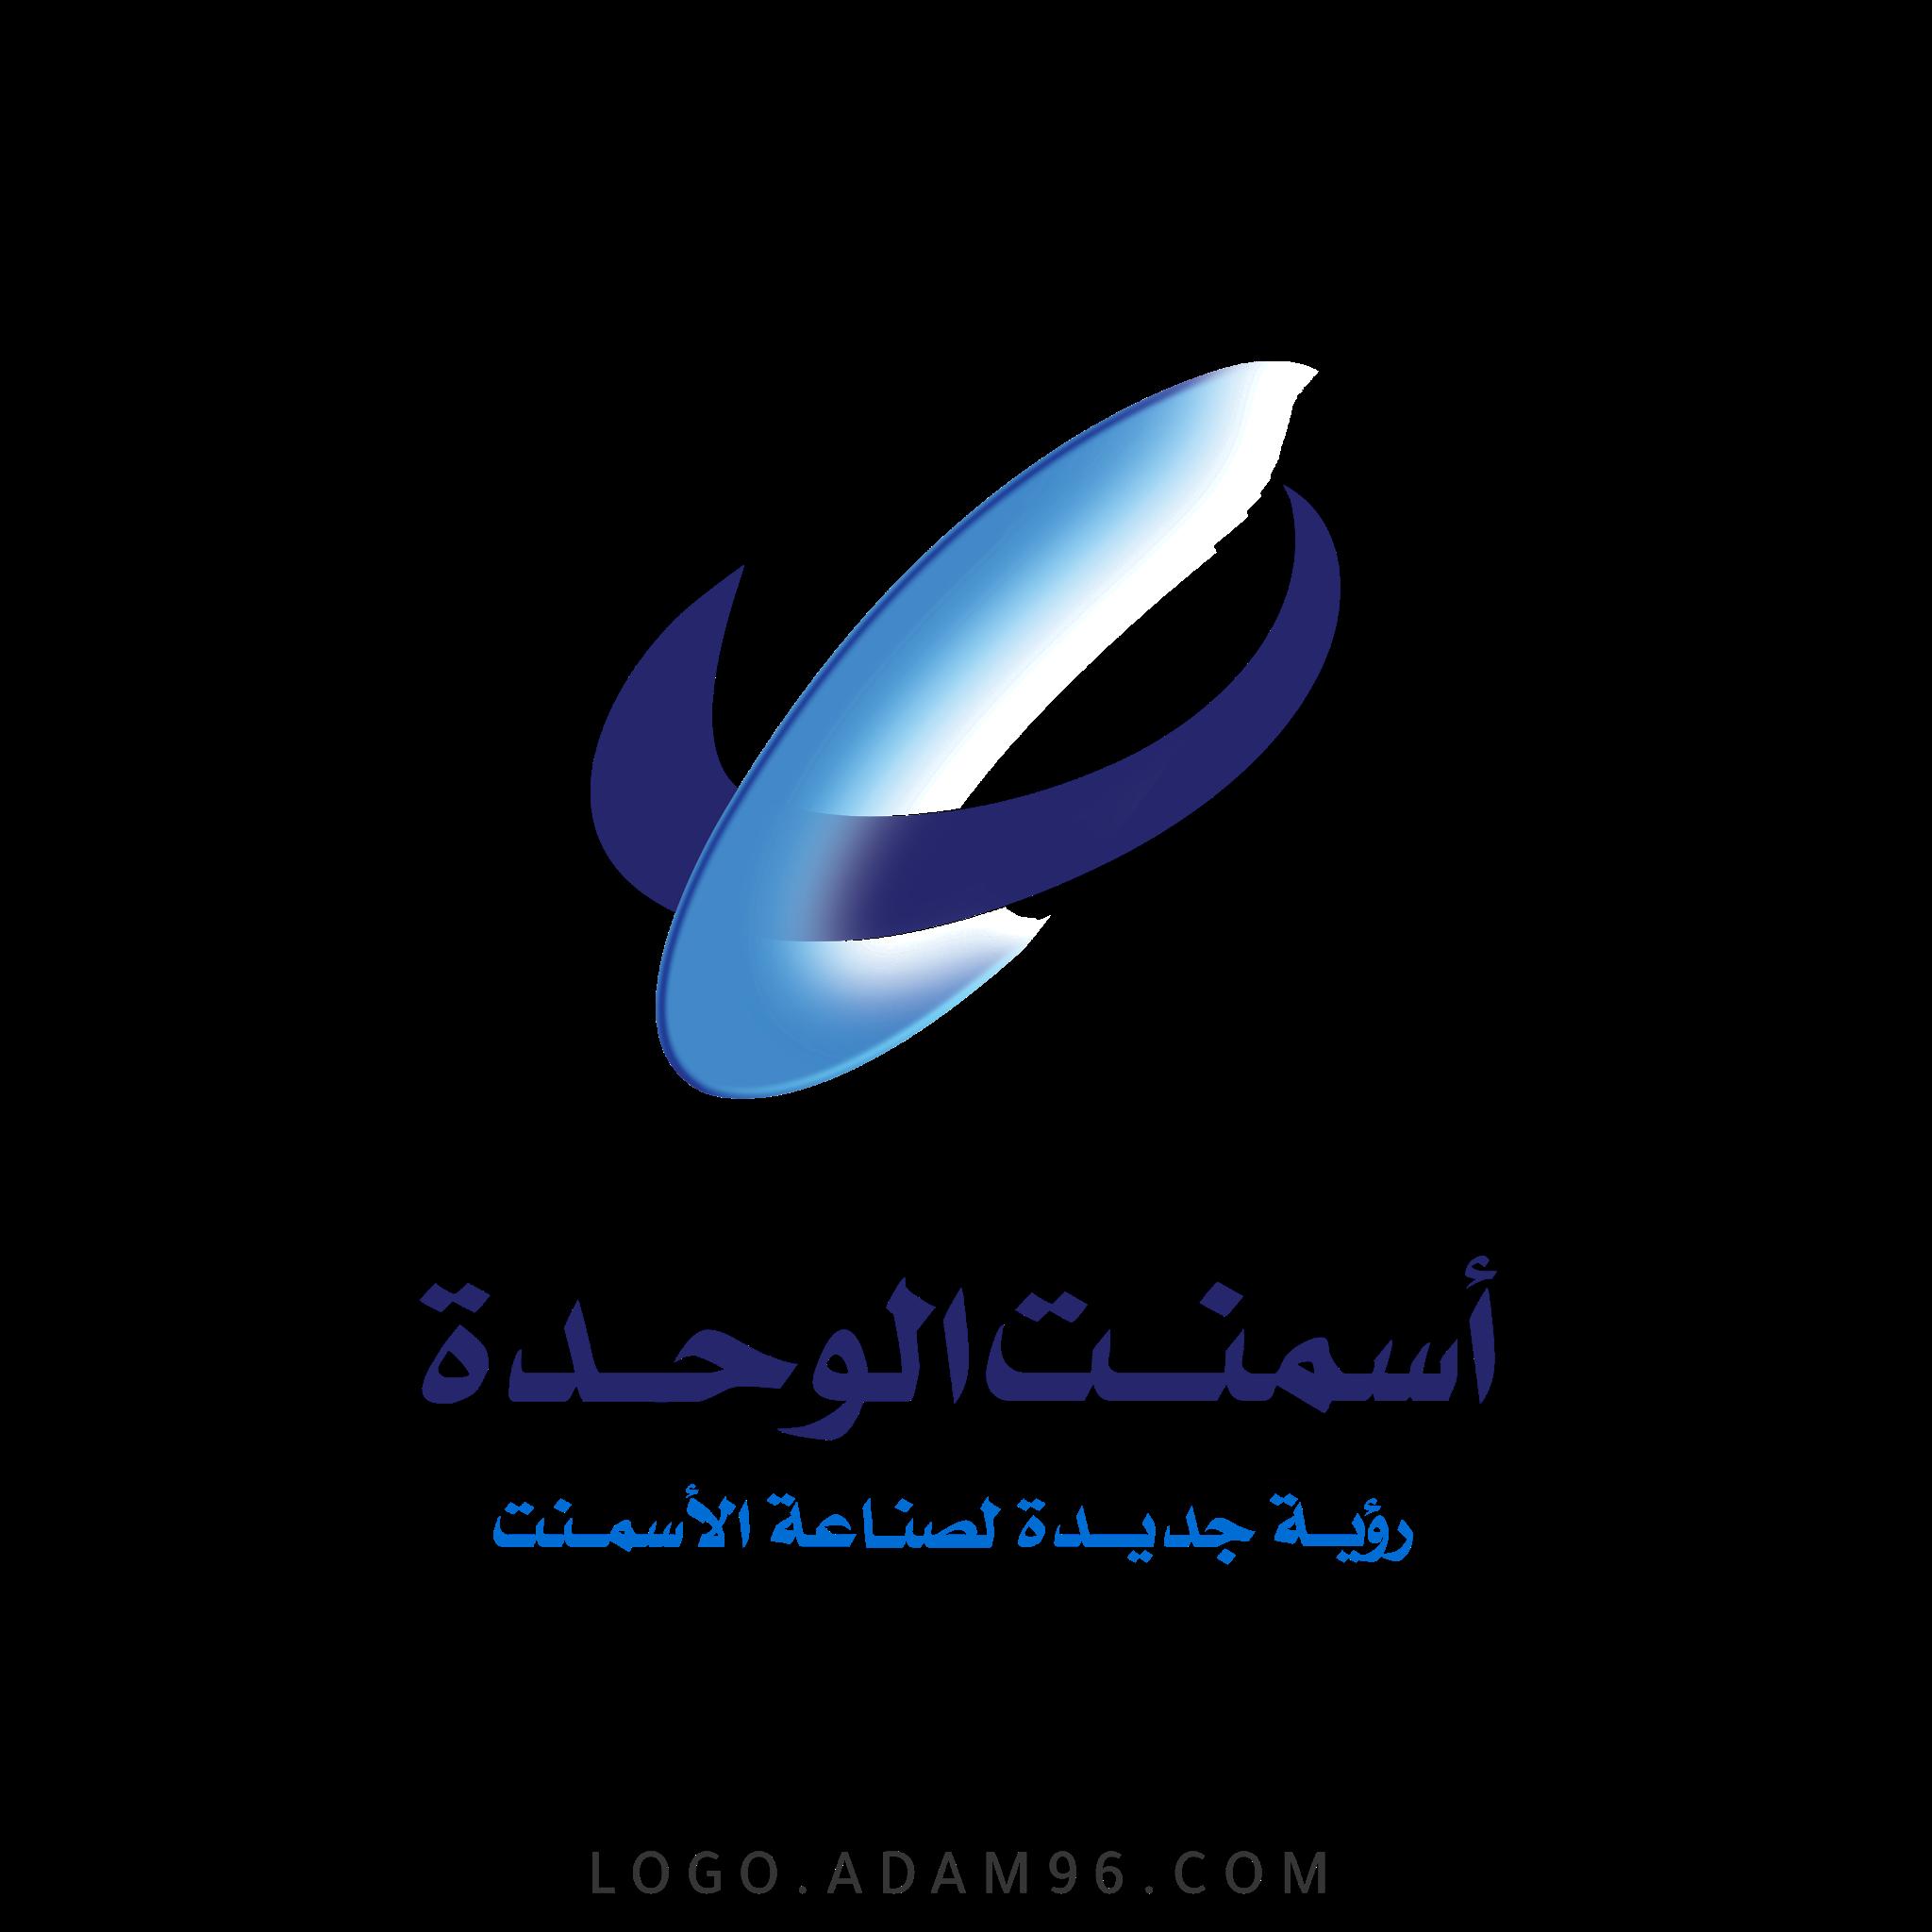 تحميل شعار شركة أسمنت الوحدة السعودية لوجو رسمي عالي الجودة PNG